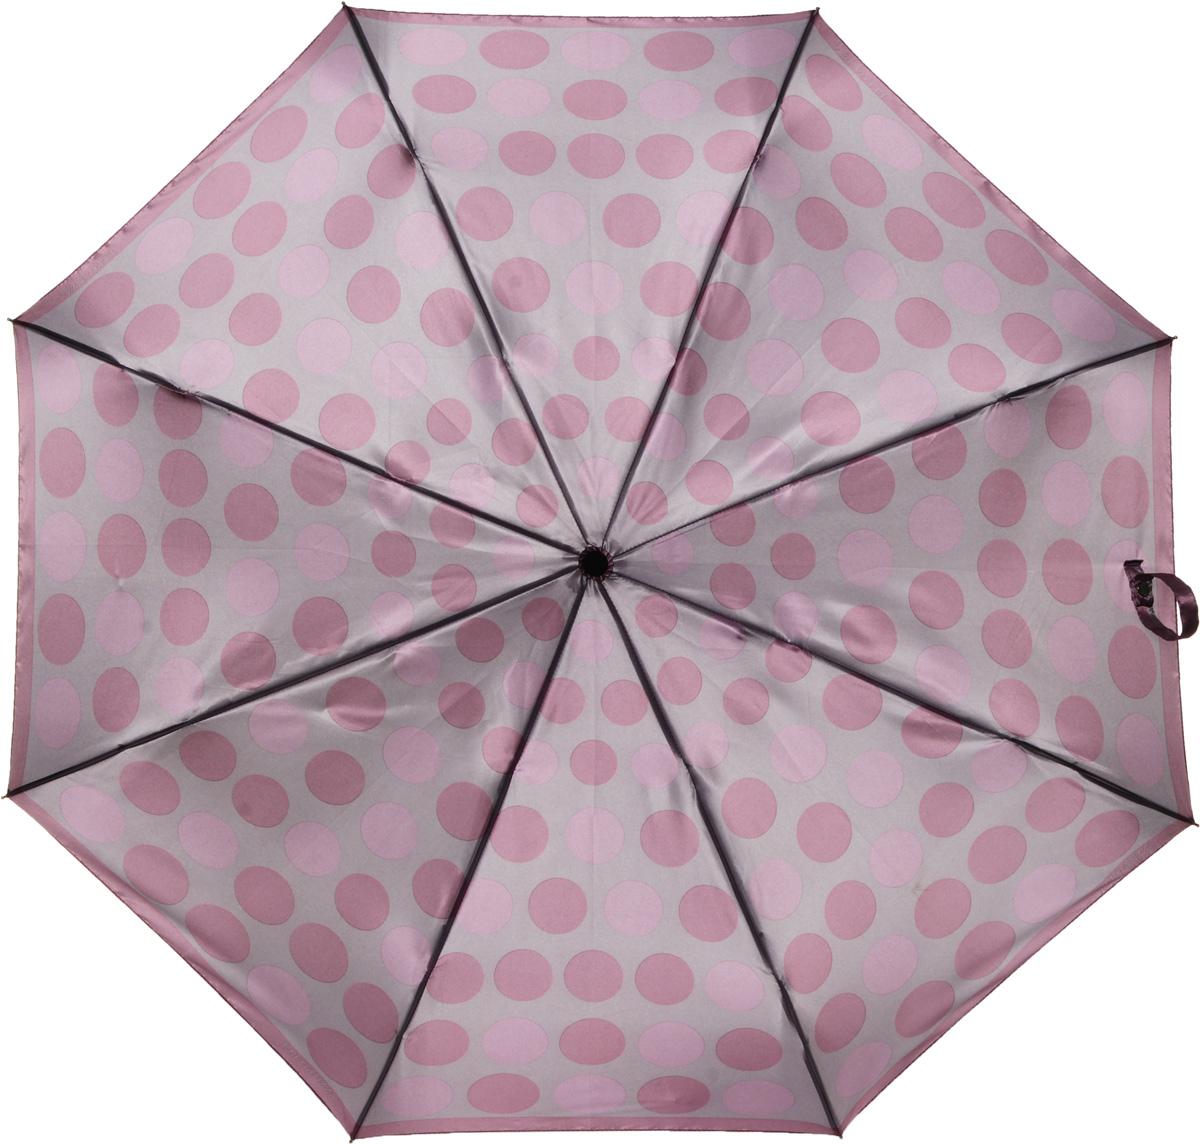 Зонт женский Eleganzza, автомат, 3 сложения, цвет: бежевый. A3-05-0277LSA3-05-0277LSЖенский зонт-автомат торговой марки ELEGANZZA с каркасом Smart, который позволяет без особых усилий складывать зонт, не позволяя стержню вылетать обратно. Купол: 100% полиэстер, сатин. Материал каркаса: сталь + алюминий + фибергласс. Материал ручки: пластик. Длина изделия - 30 см. Диаметр купола - 105 см. Система Smart, не позволяет стержню при сложении вылететь обратно, это облегчает сложение зонта! При сложении есть характерный звук-треск, как трещетка. Примечание: зонт не откроется с кнопки если его не закрыть до щелчка!